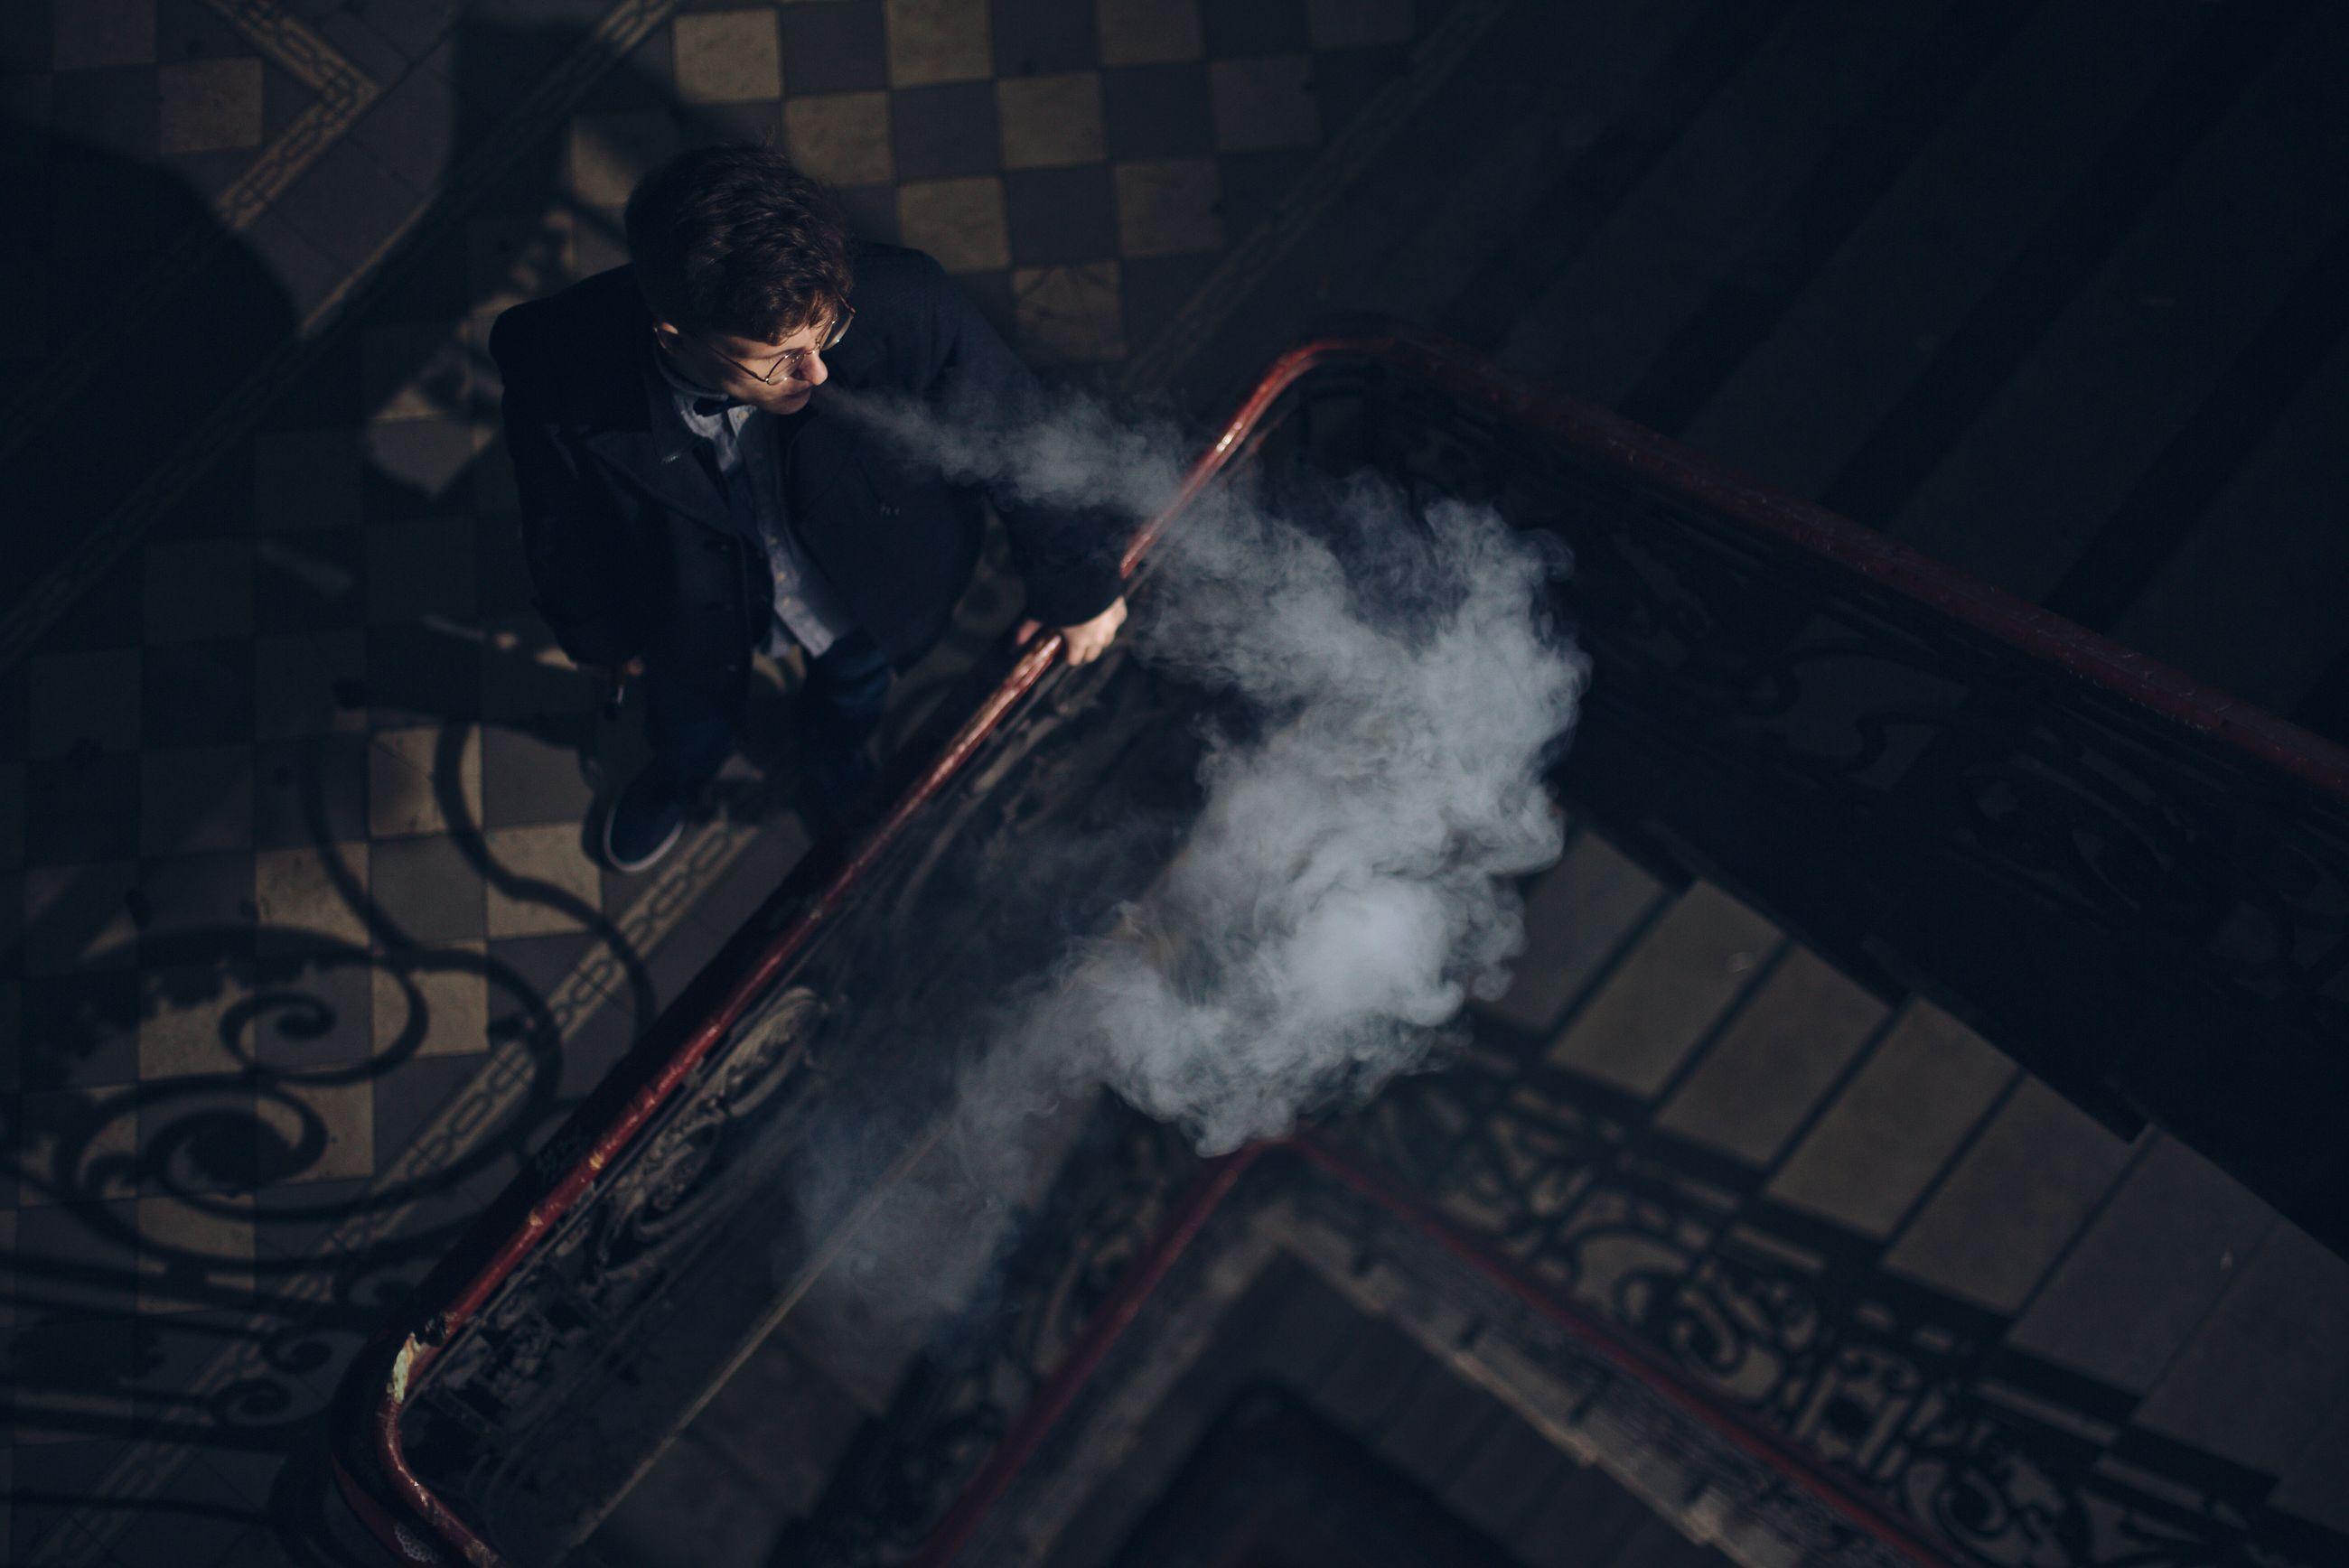 High angle view of man smoking at corridor